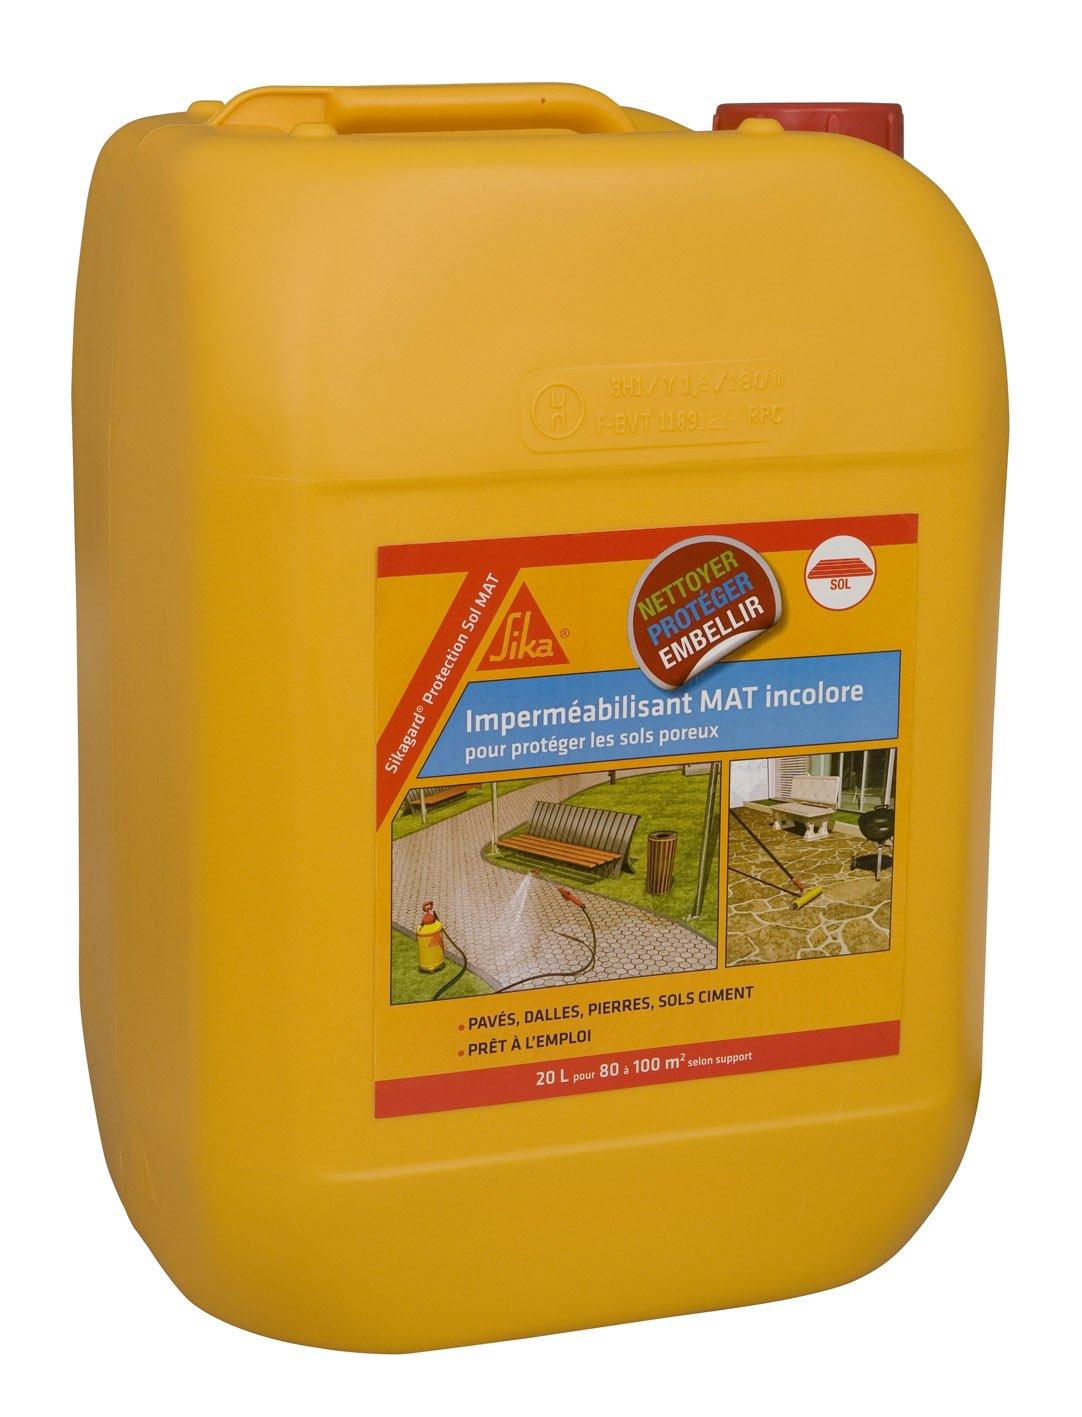 Sikargard Protection Sol MAT - Impermé abilisant effet mat pour sols (Pavé s, dalles, pierres) - 20L / 100m2 - incolore SIKA FRANCE S.A.S 460503